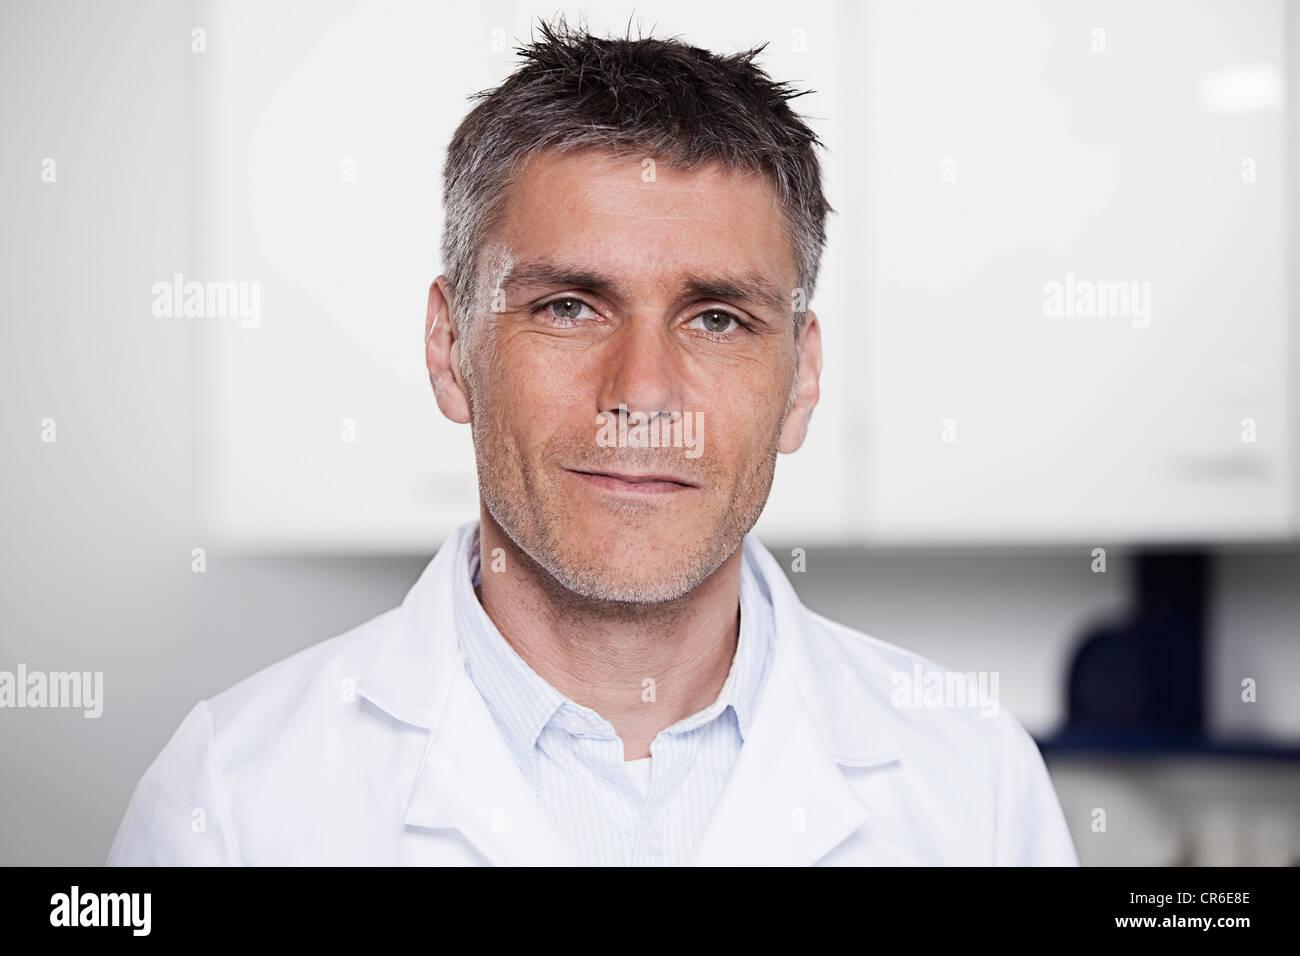 Alemania, Baviera, Munich, Científico en el laboratorio, Retrato Imagen De Stock